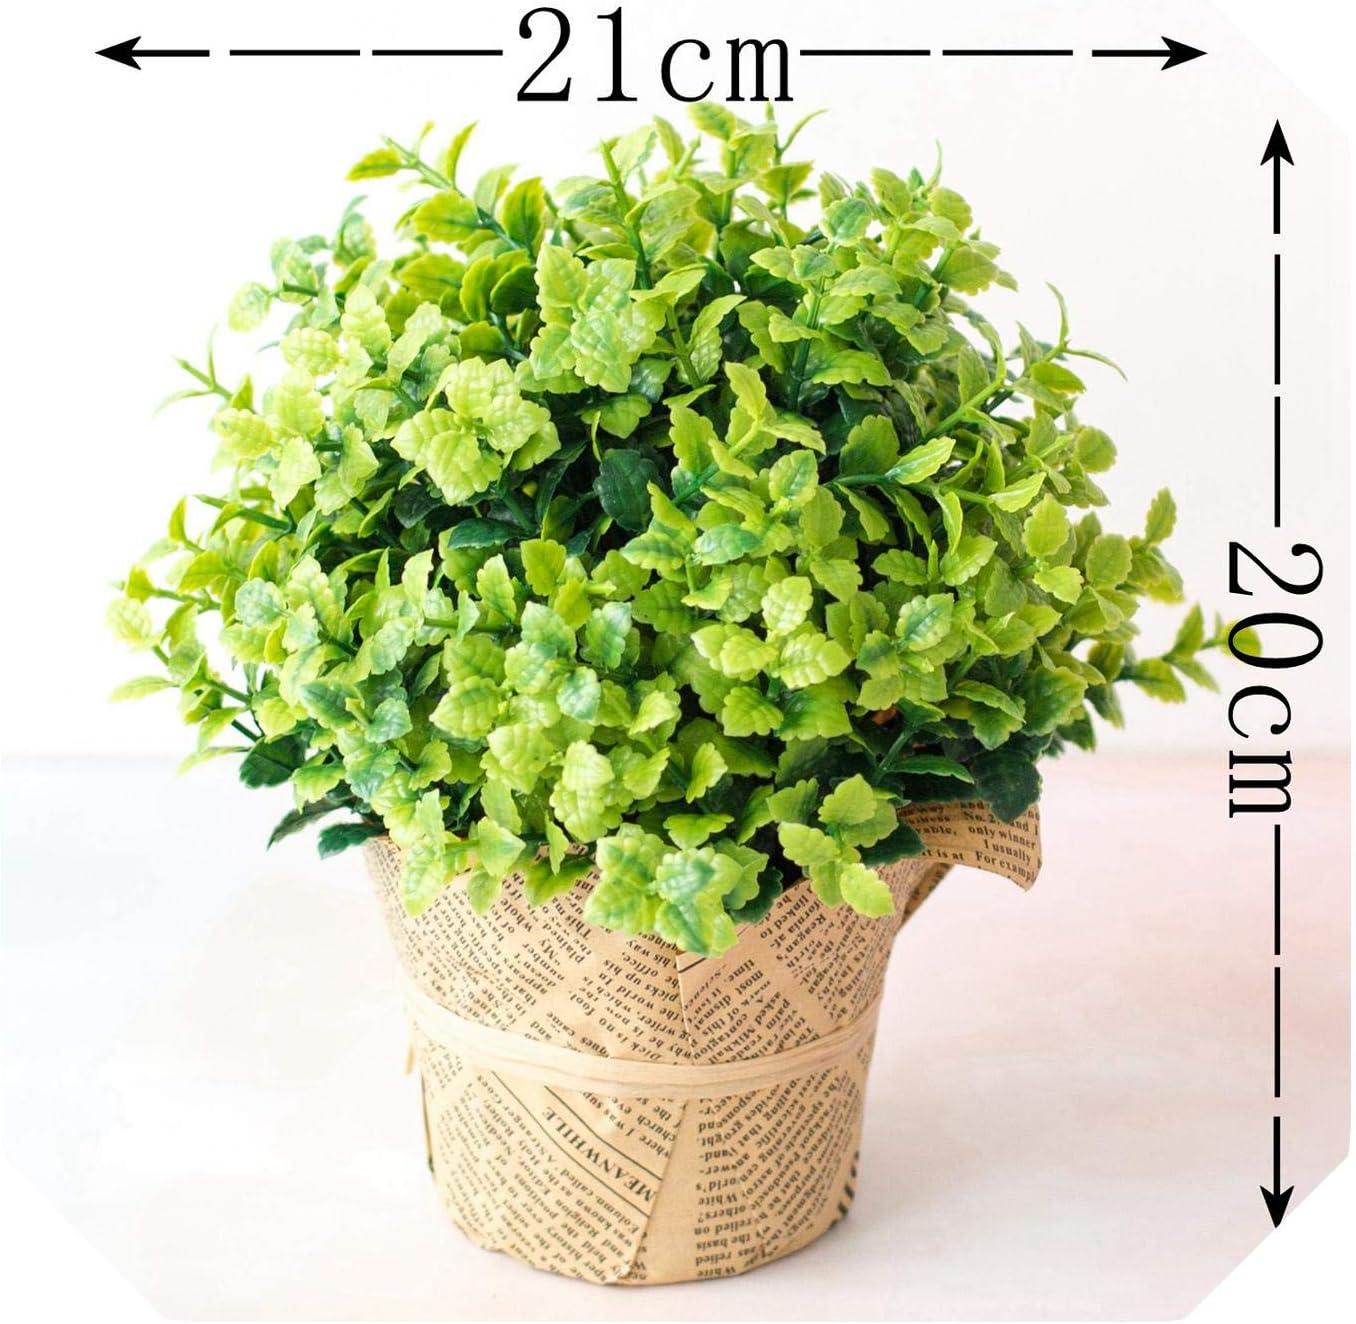 Amazon Com Artificial Plant Bonsai Decorative Simulation Plastic Small Mini Potted Bonsai Green Plant Wedding Home Decor Hotel Garden Decor Bo He Cao Green Home Kitchen